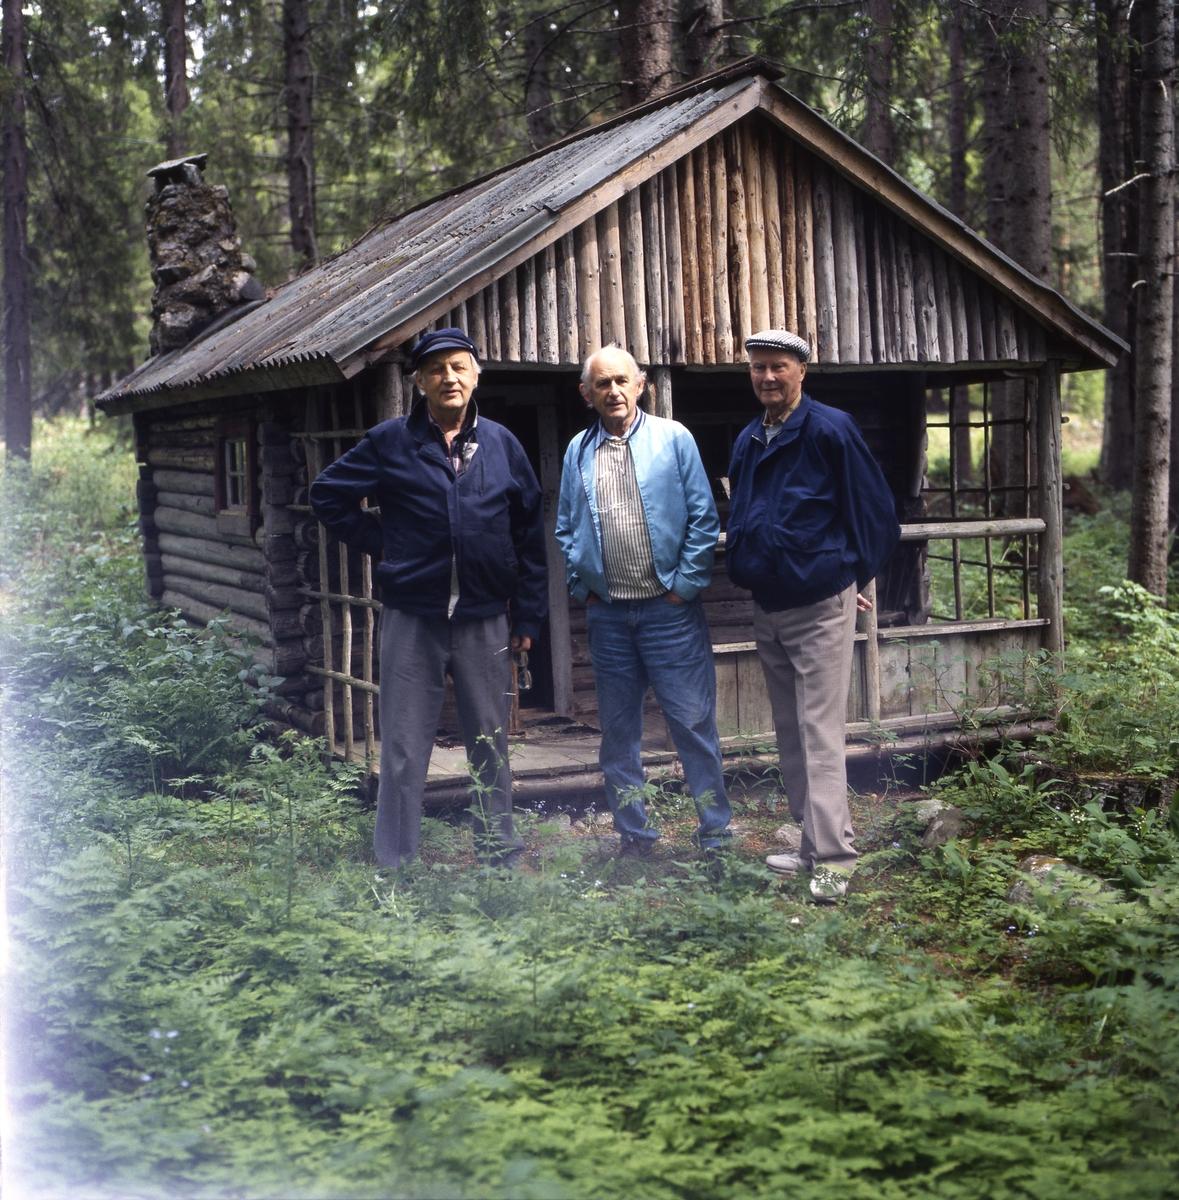 Några män, inklusive bröderna Ahnlund, står framför en gammal timmerstuga i en skogsglänta, 12 juni 1994.